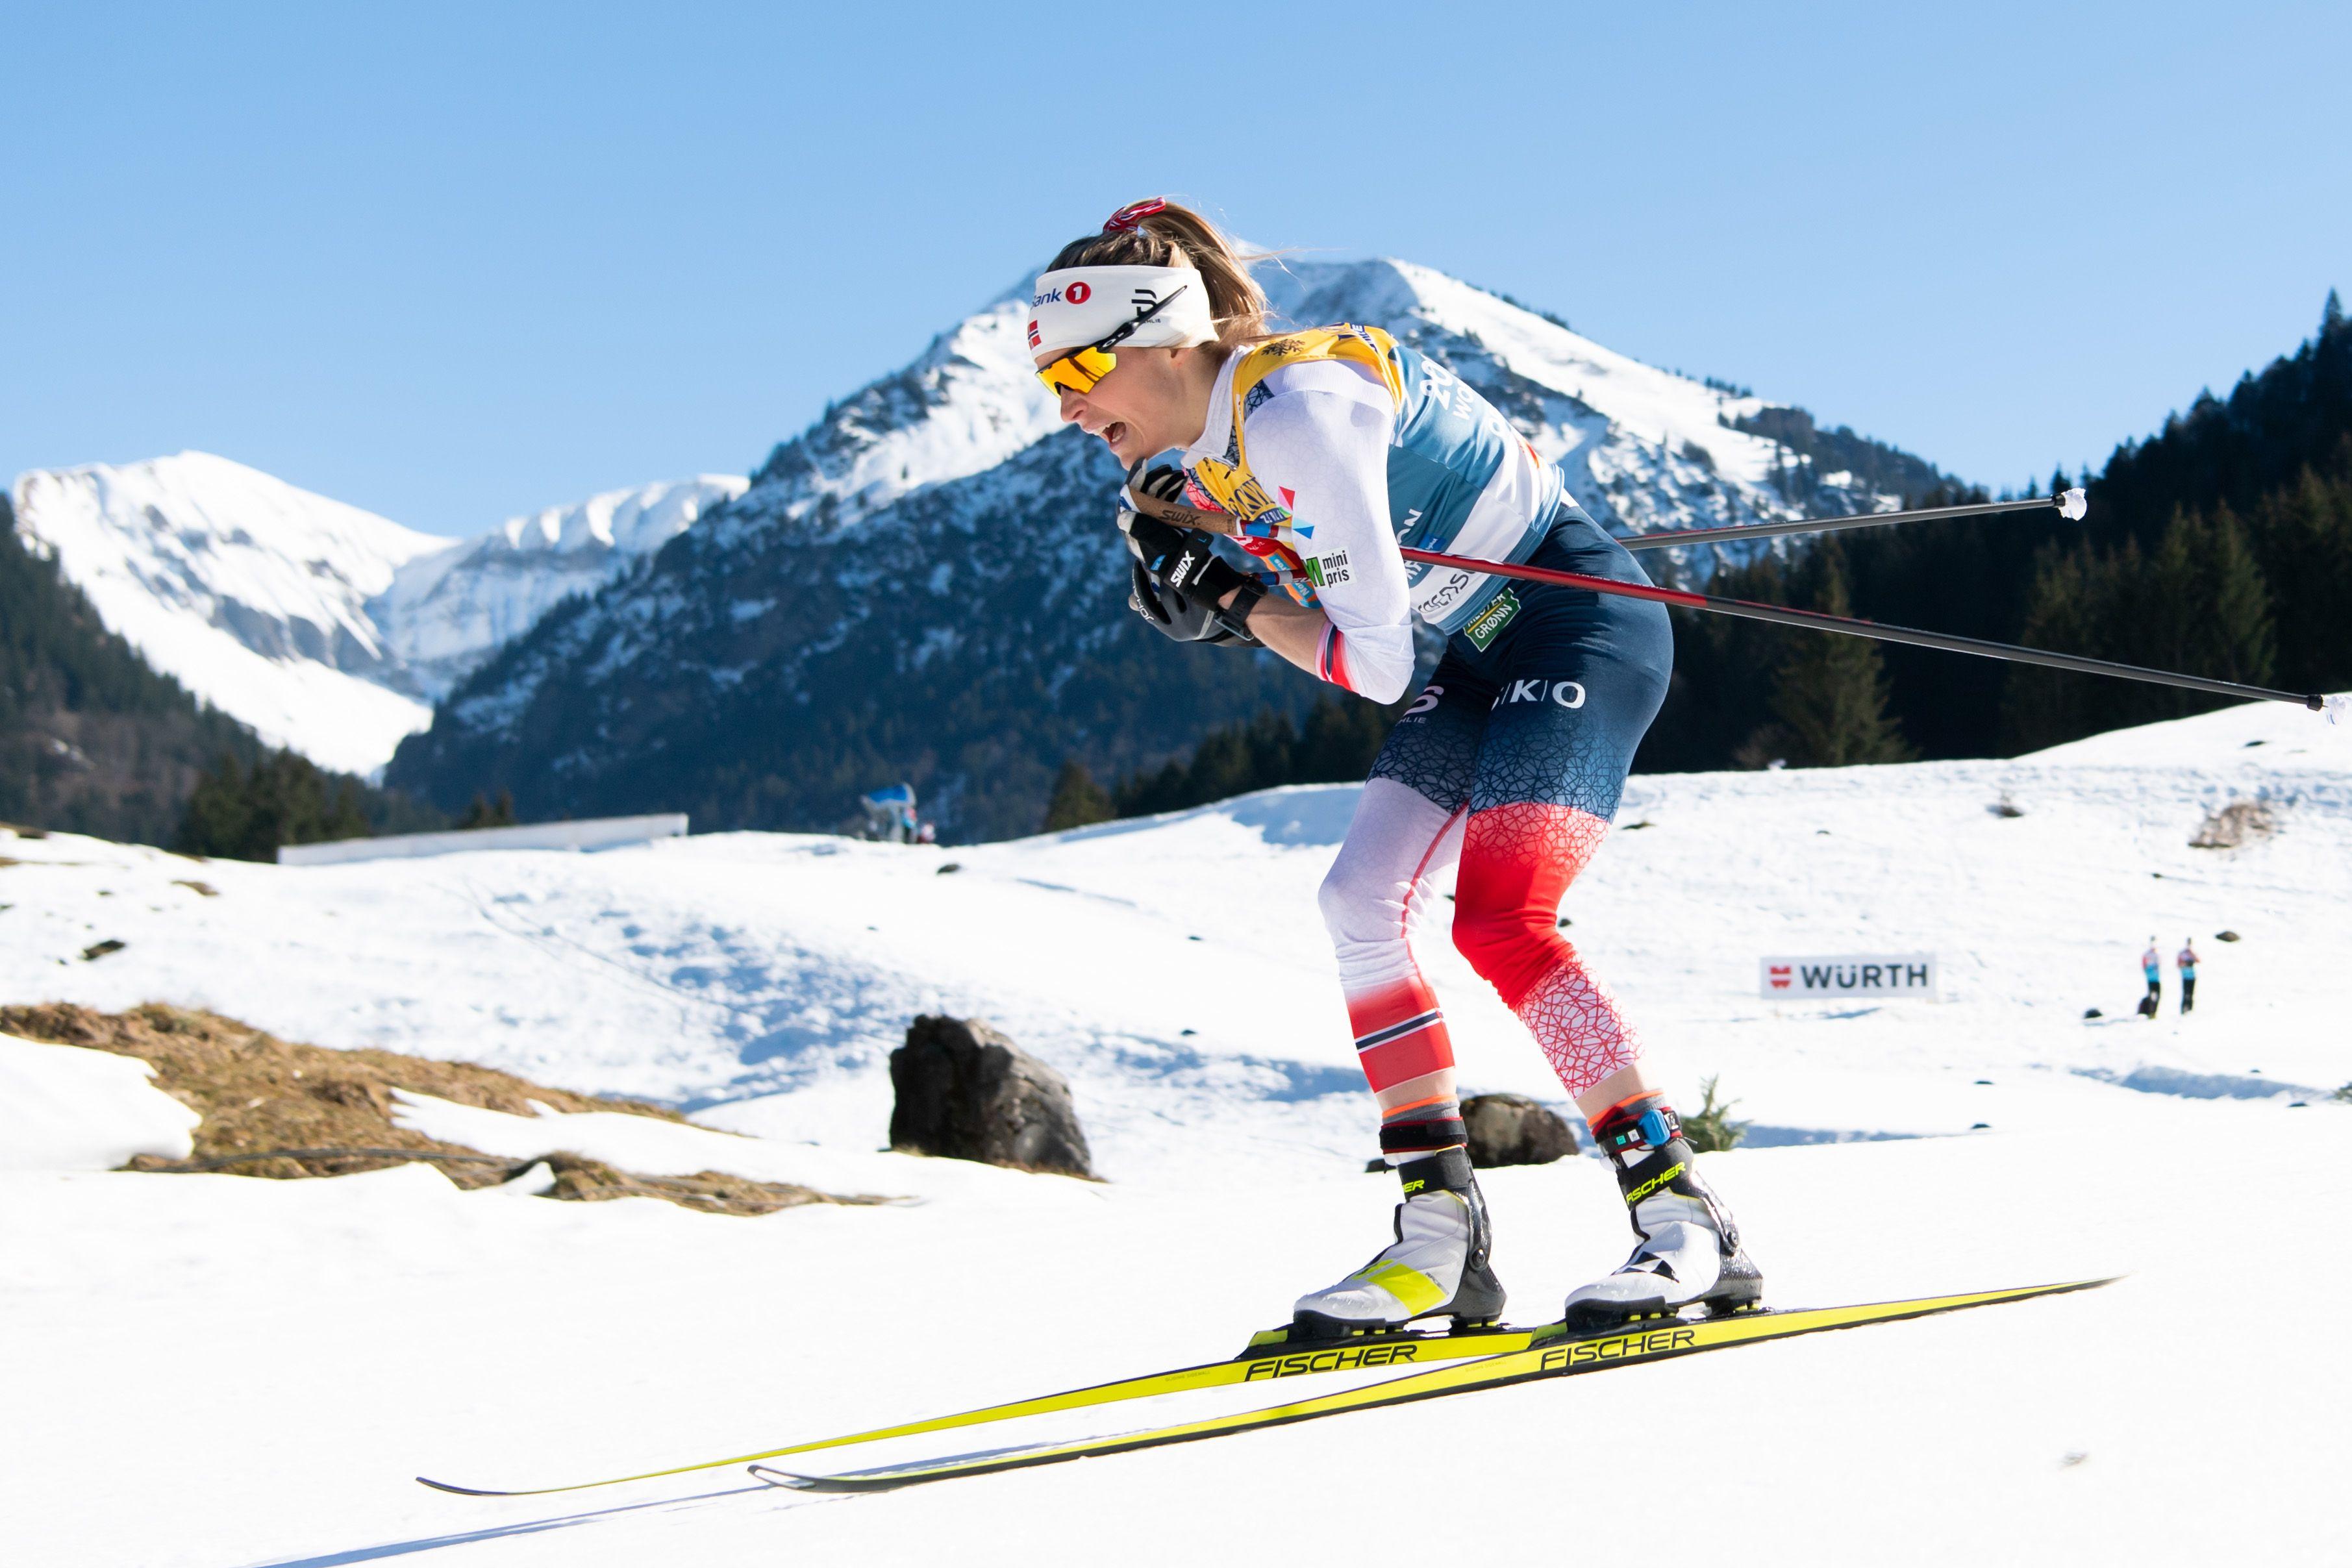 Лыжница Сорина стала пятой в женской индивидуальной гонке на ЧМ-2021: все результаты россиянок